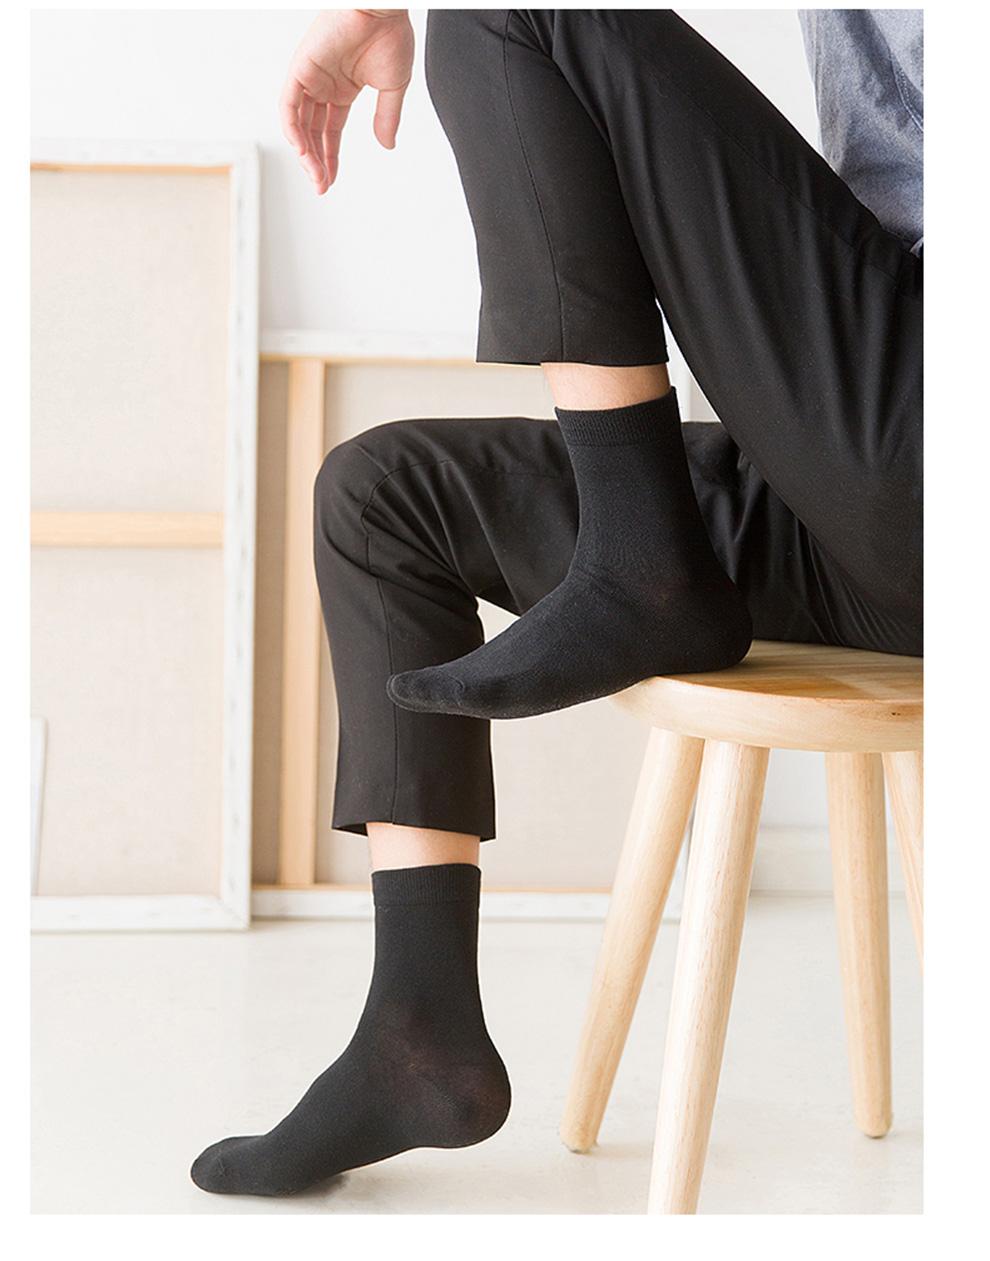 南极人【10双装】袜子男士长袜春夏季中筒四季款透气吸汗运动商务休闲长筒棉袜10双男士纯色全黑色中筒袜均码